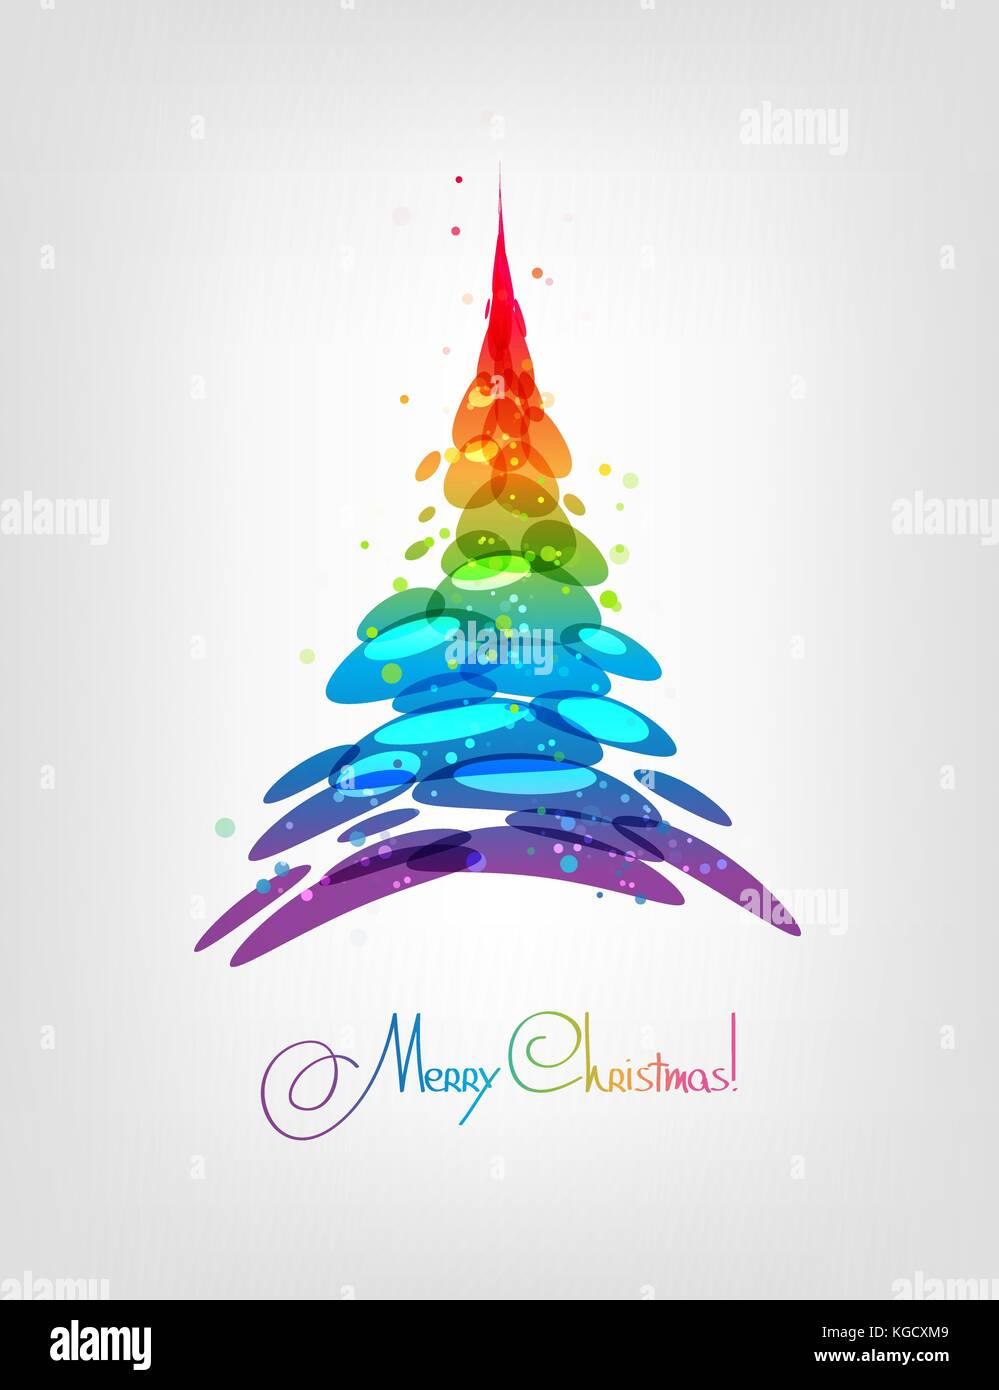 Immagini Stilizzate Di Natale.Albero Di Natale Astratto Carta Multicolore Illustrazione